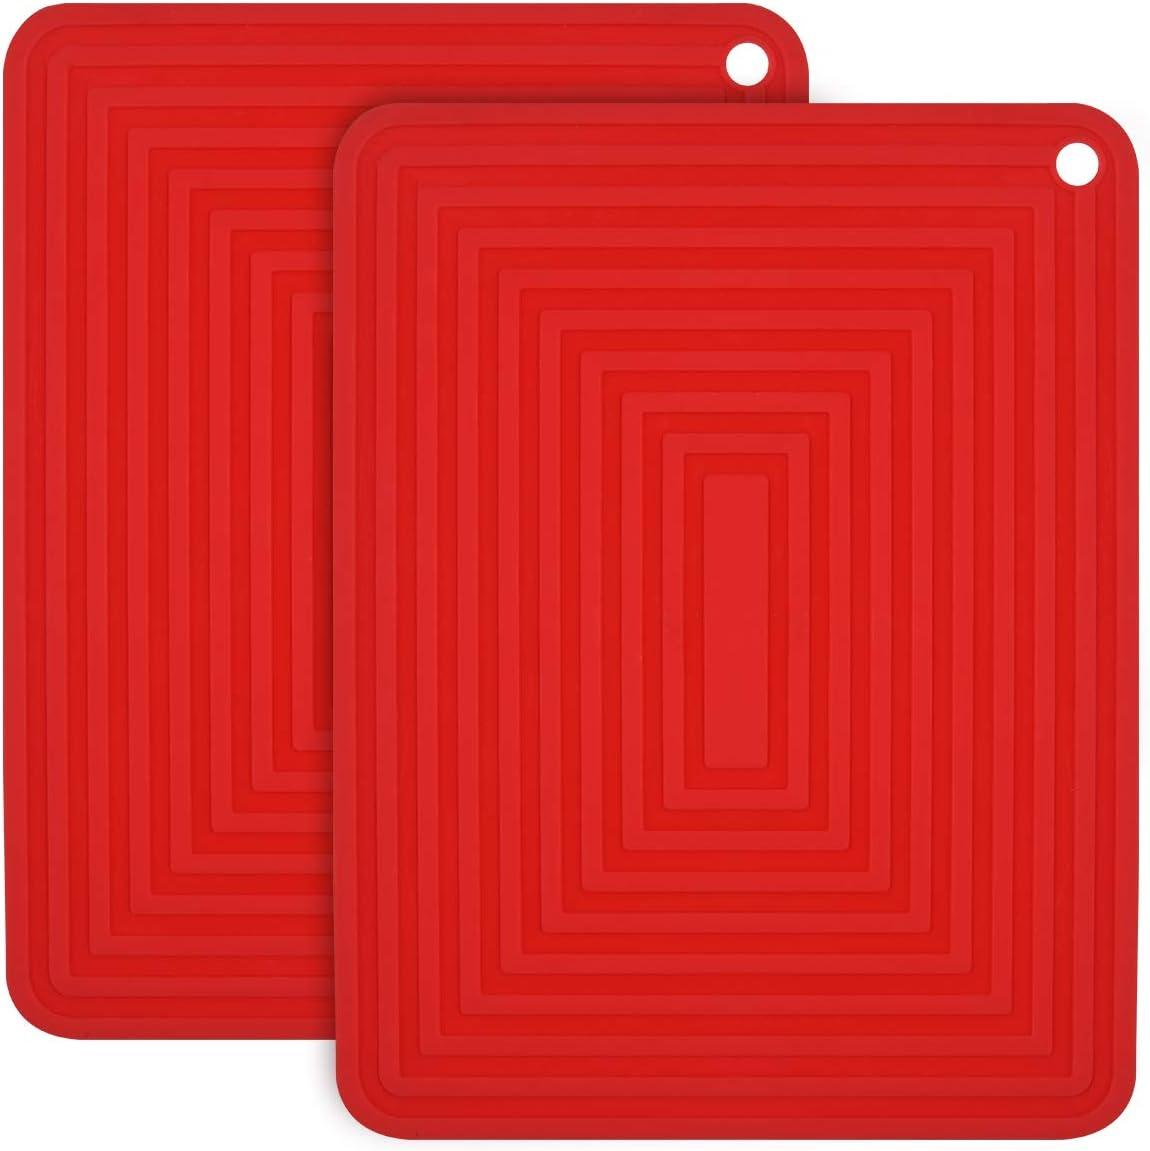 2PCS Anti-d/érapant Anti-Chaleur 250 /°C Multifonction Repose-cuill/ère Dessous de Verre de Cuisine Tapis de Table pour Cuisine et Salle /à Manger flintronic Dessous de Plat Silicone Grand Rouge